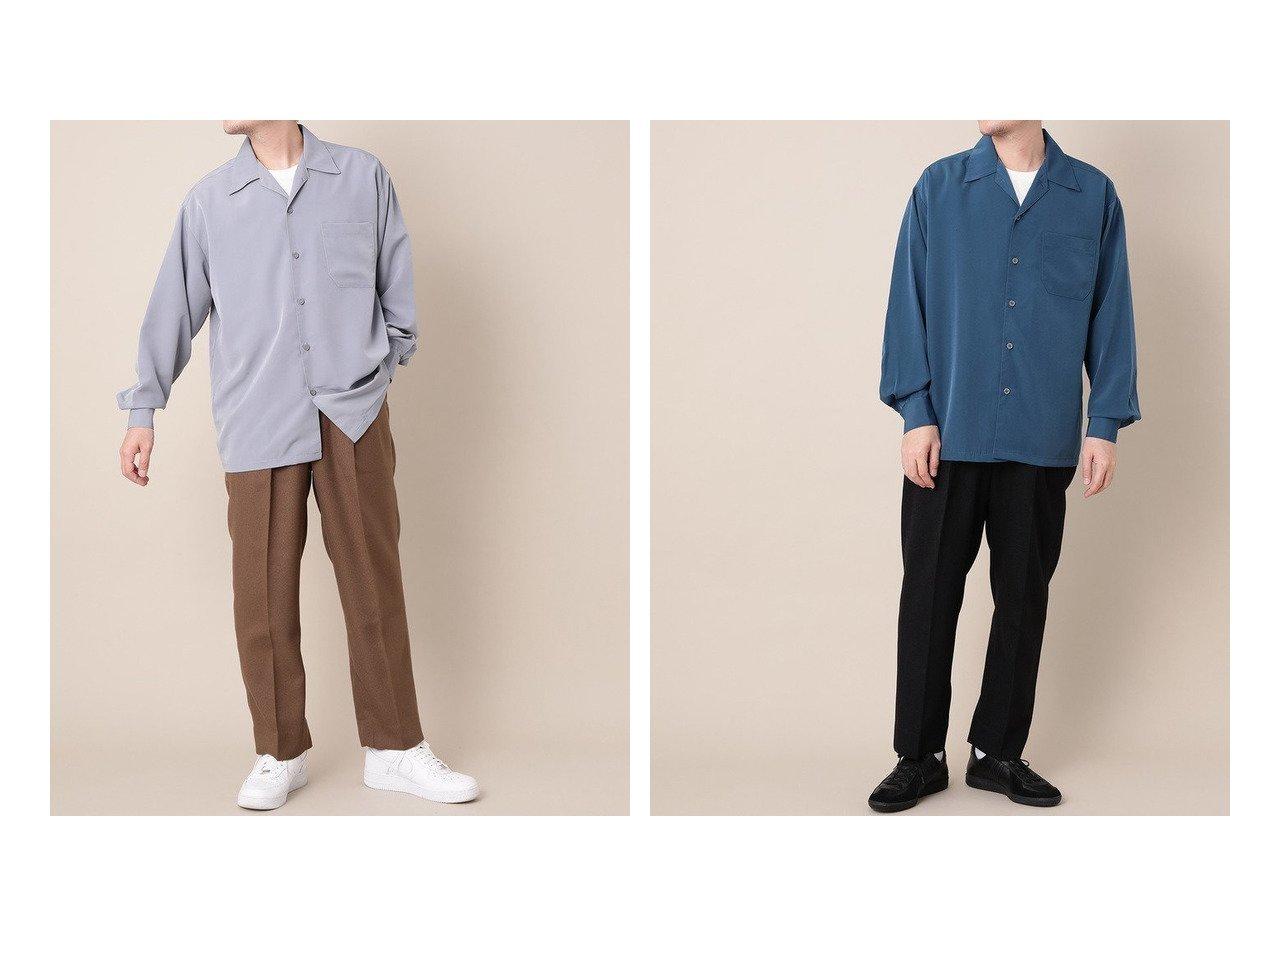 【Adam et Rope / MEN/アダムエロペ 】の【CalTOP】ビッグシルエット オープンカラーシャツ 【MEN】男性のおすすめ!人気トレンド・メンズファッションの通販  おすすめで人気のファッション通販商品 インテリア・家具・キッズファッション・メンズファッション・レディースファッション・服の通販 founy(ファニー) https://founy.com/ ファッション Fashion メンズ MEN トップス Tops Tshirt Men シャツ Shirts エレガント ショルダー ターコイズ トレンド ドロップ ビッグ ベーシック |ID:crp329100000006543